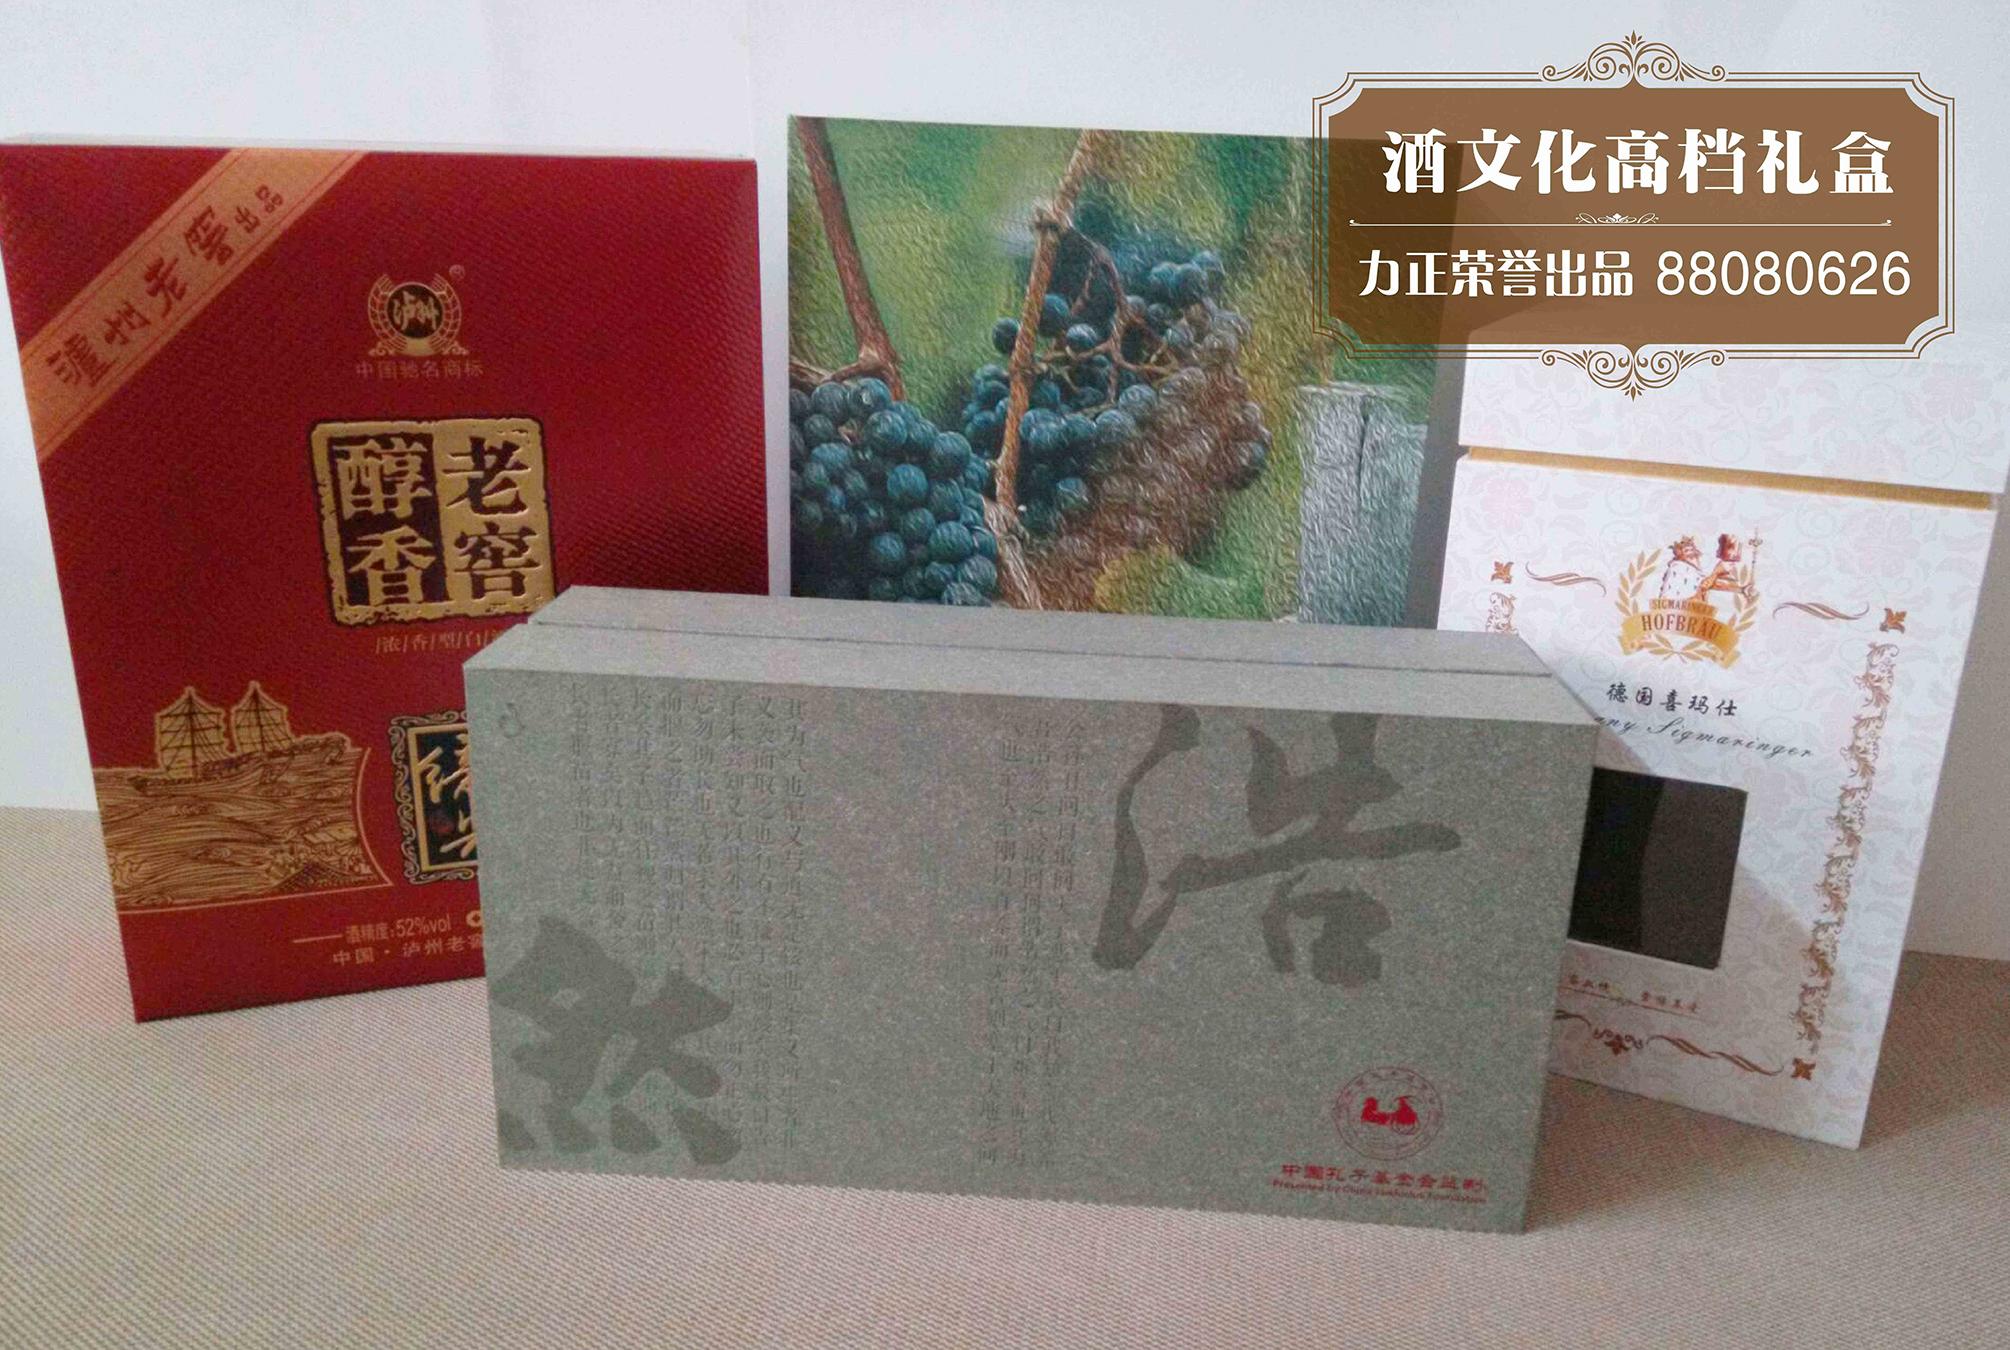 酒文化高档礼盒